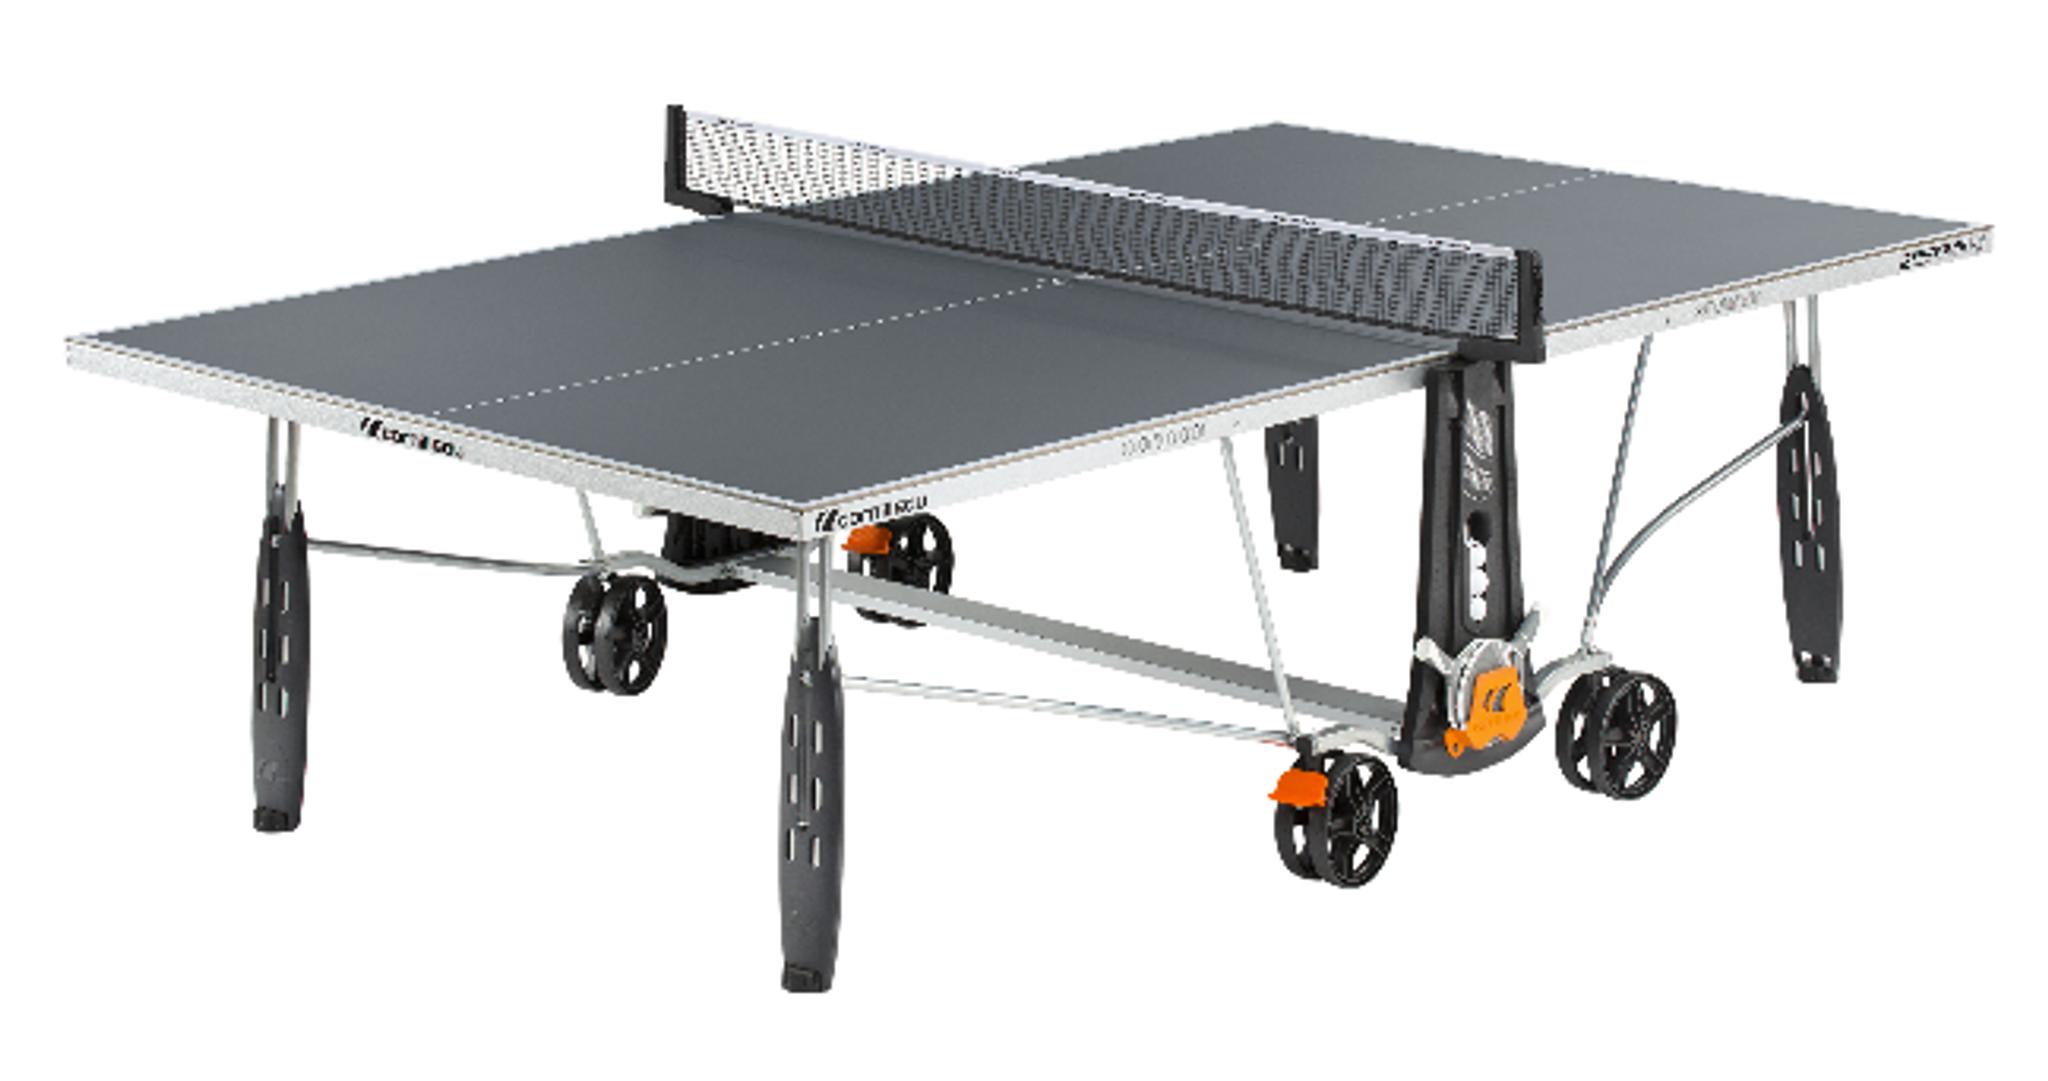 cornilleau sport 250s crossover table grise intérieur/extérieur